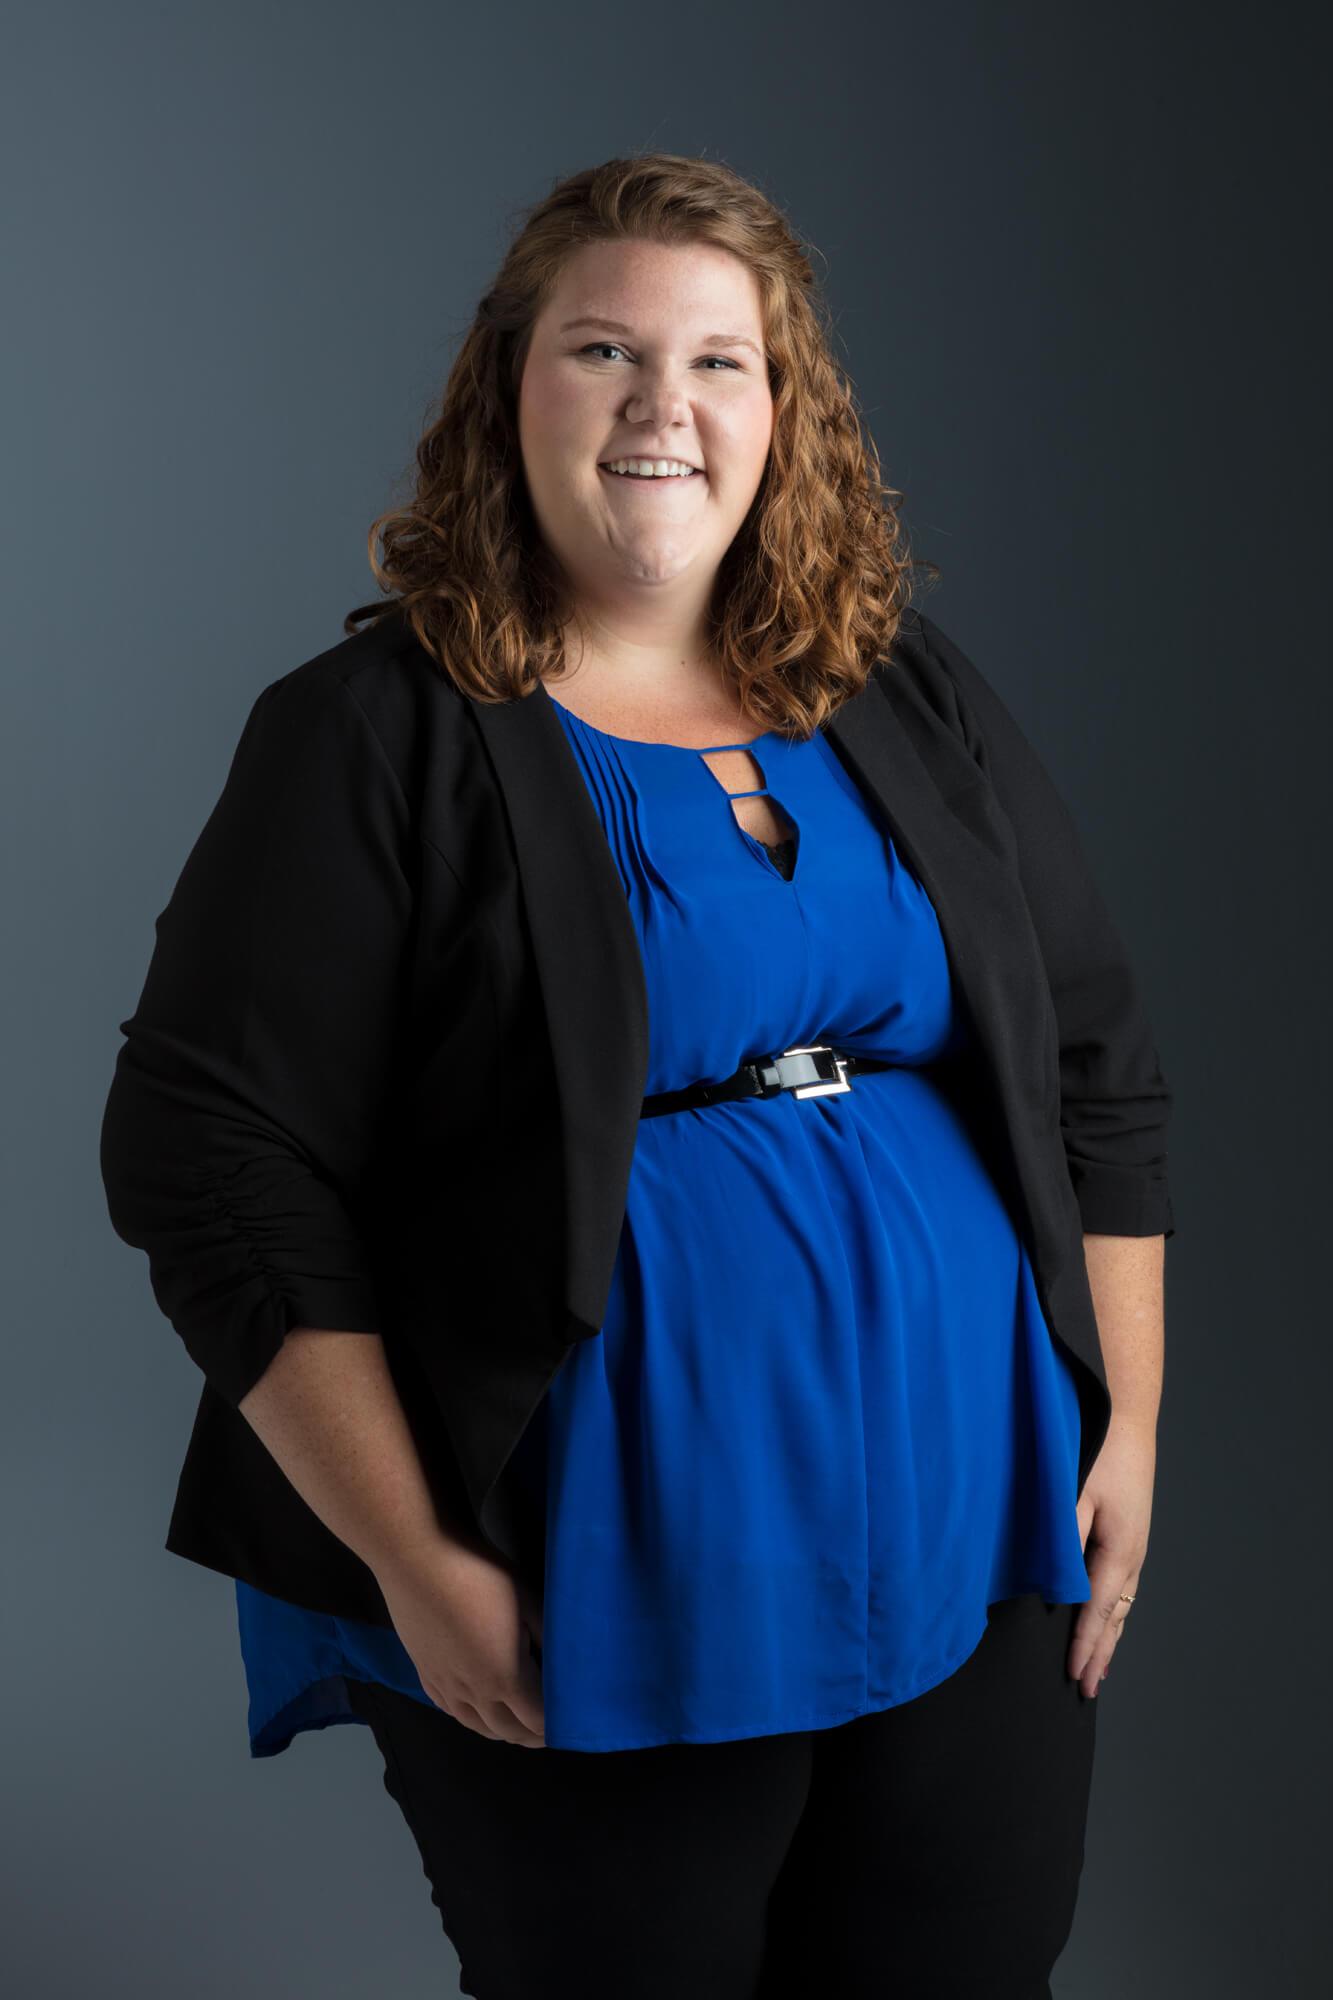 Image: Attorney Kristen R. McGuire